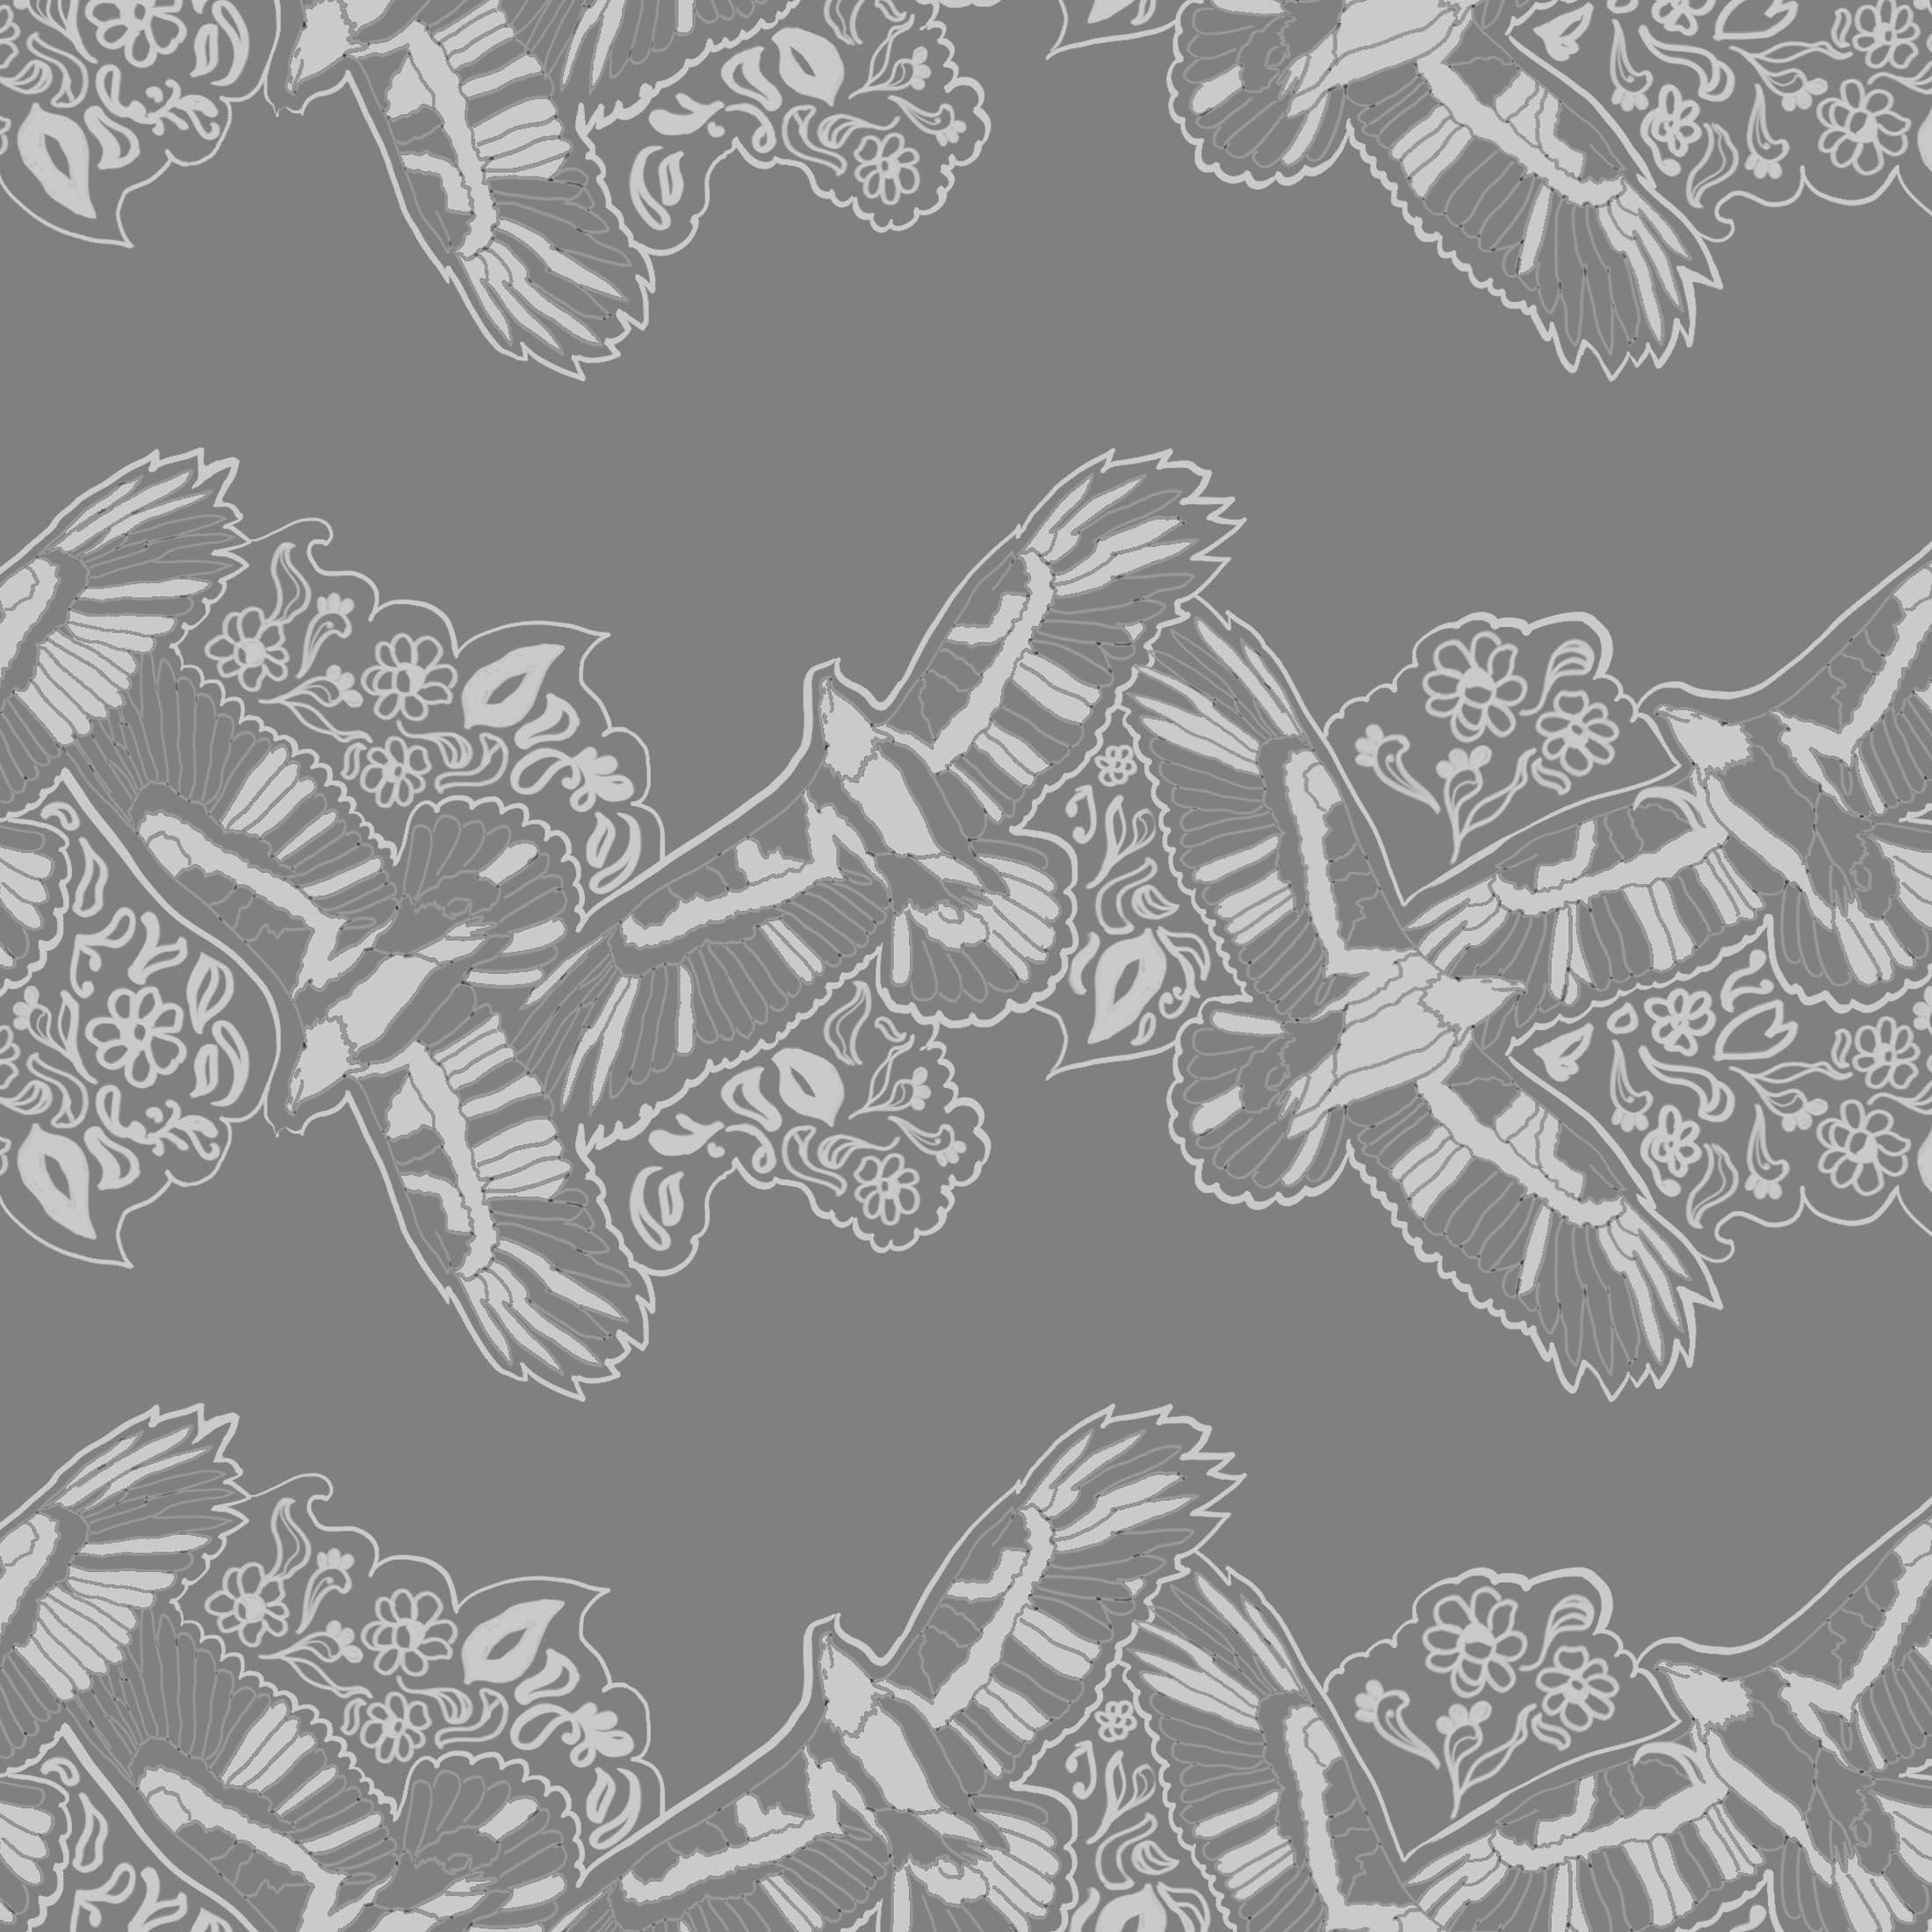 pattern-eagle-lace.jpg